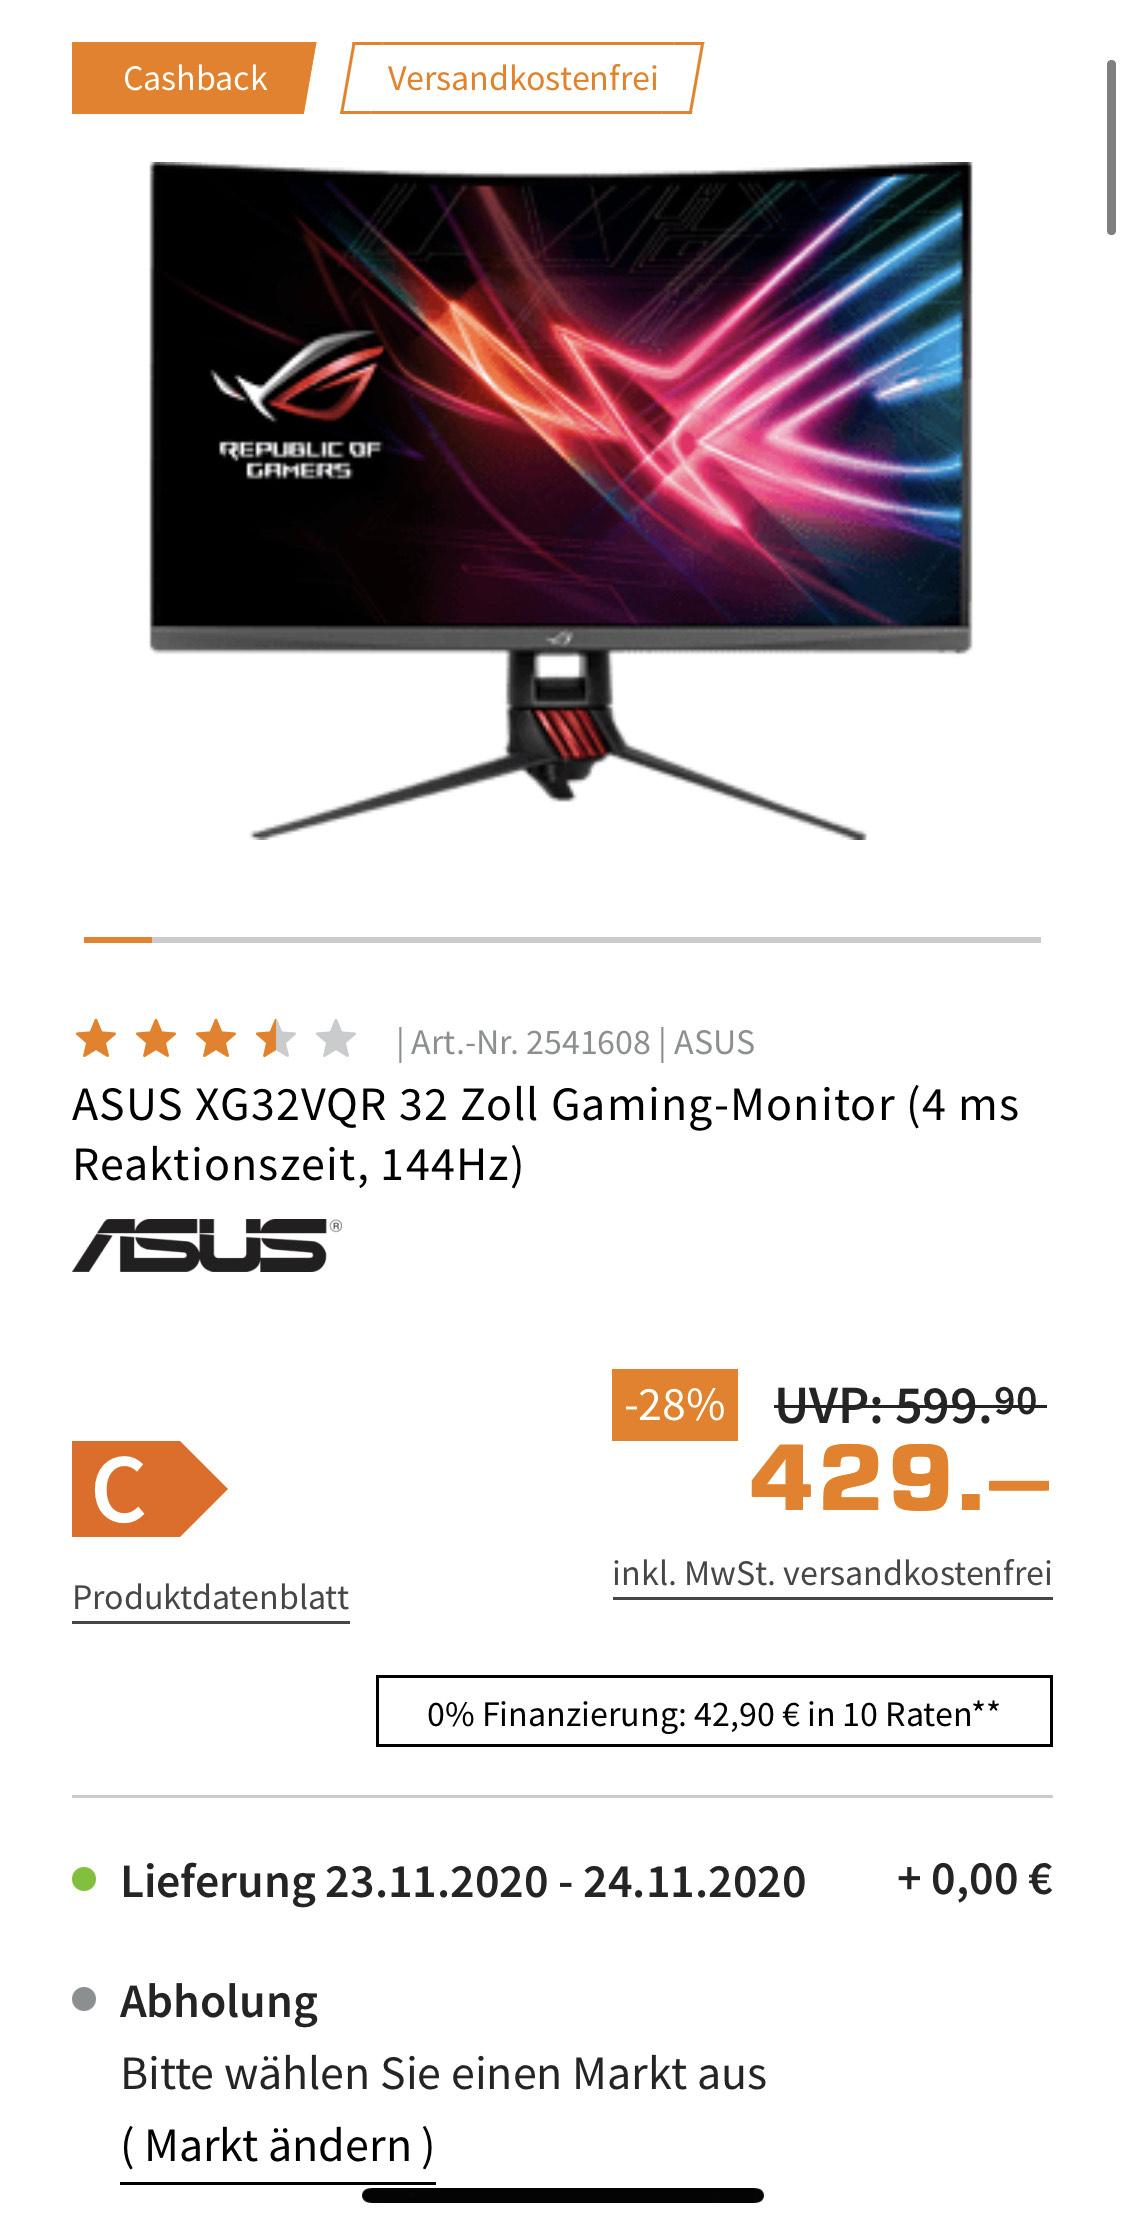 ASUS XG32VQR 32 Zoll Gaming-Monitor für 379 € mit Cashback (4 ms Reaktionszeit, 144Hz, 2560x1440, VA)